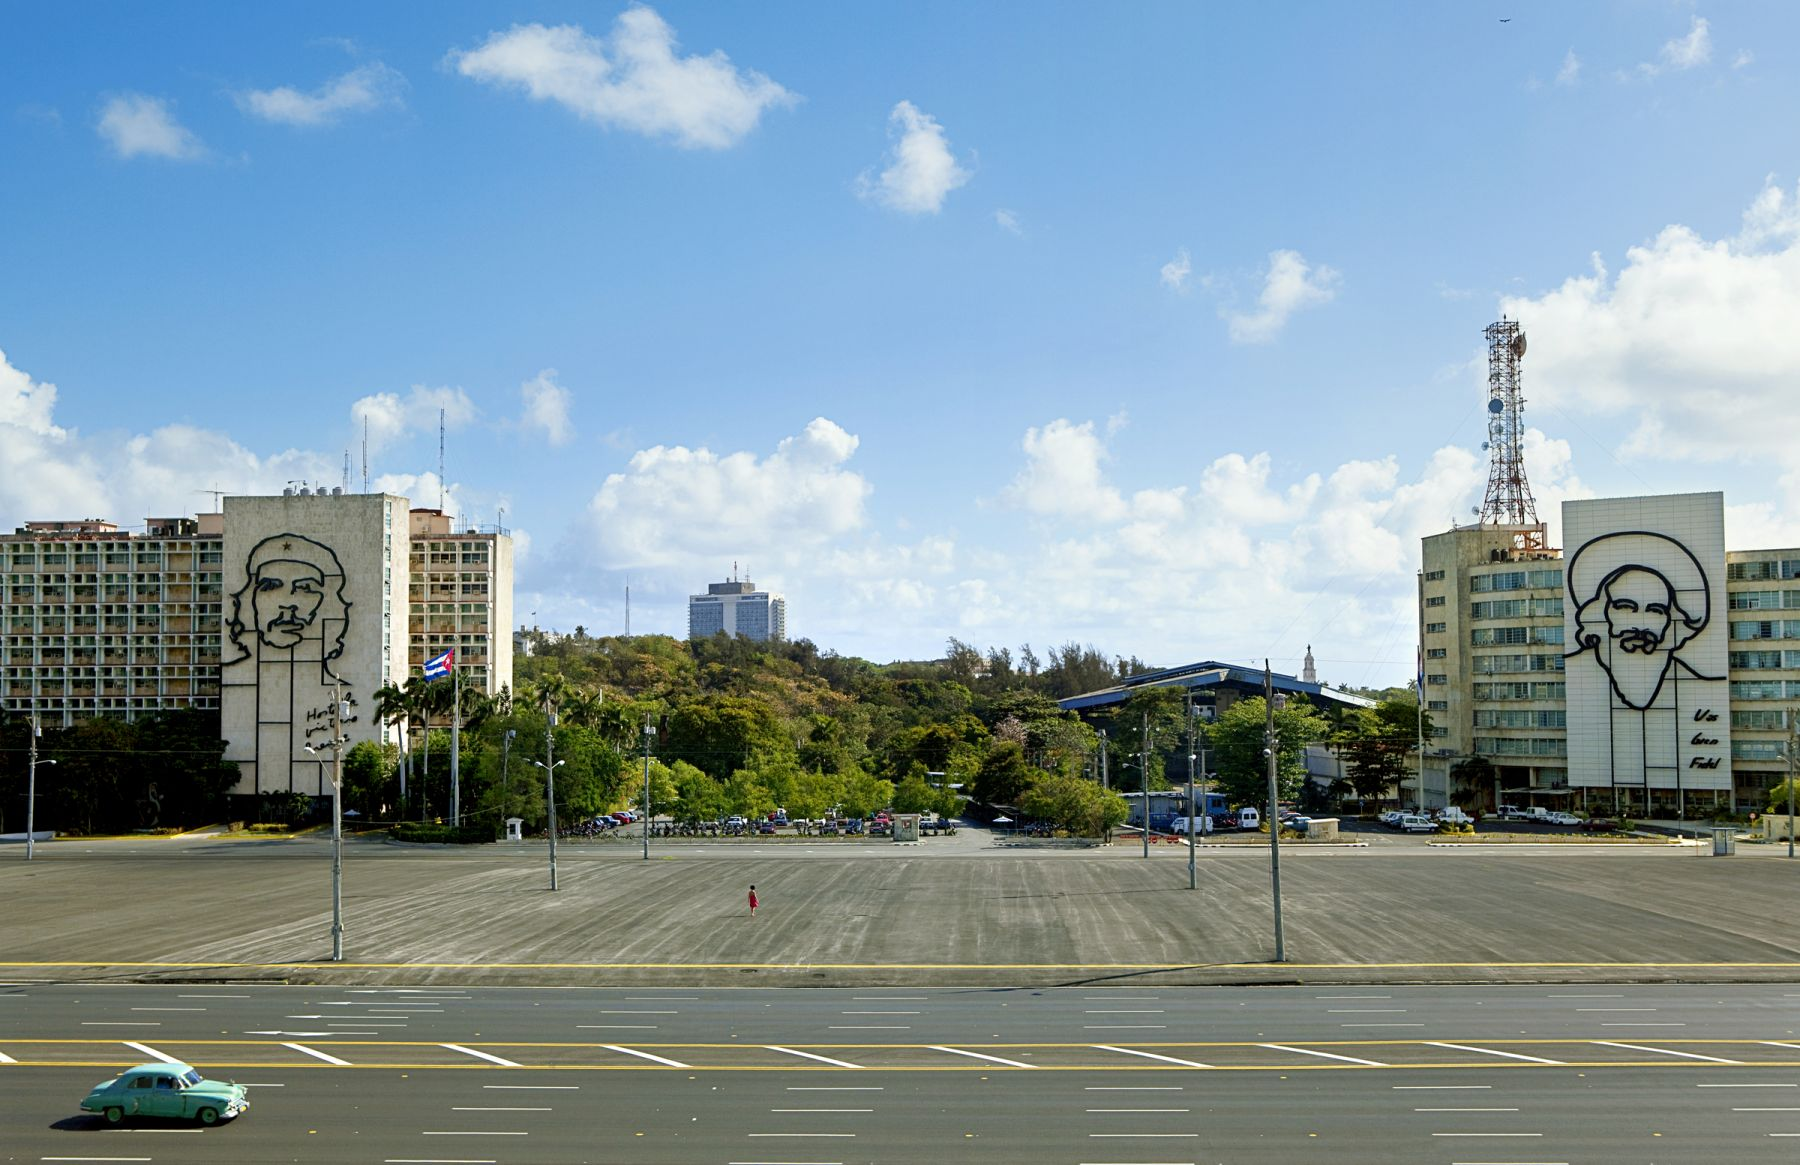 The Empty Plaza / La Plaza Vacia I,2012, Digital Chromogenic Print,25.38h x 39.5w in (64.47h x 100.33w cm)